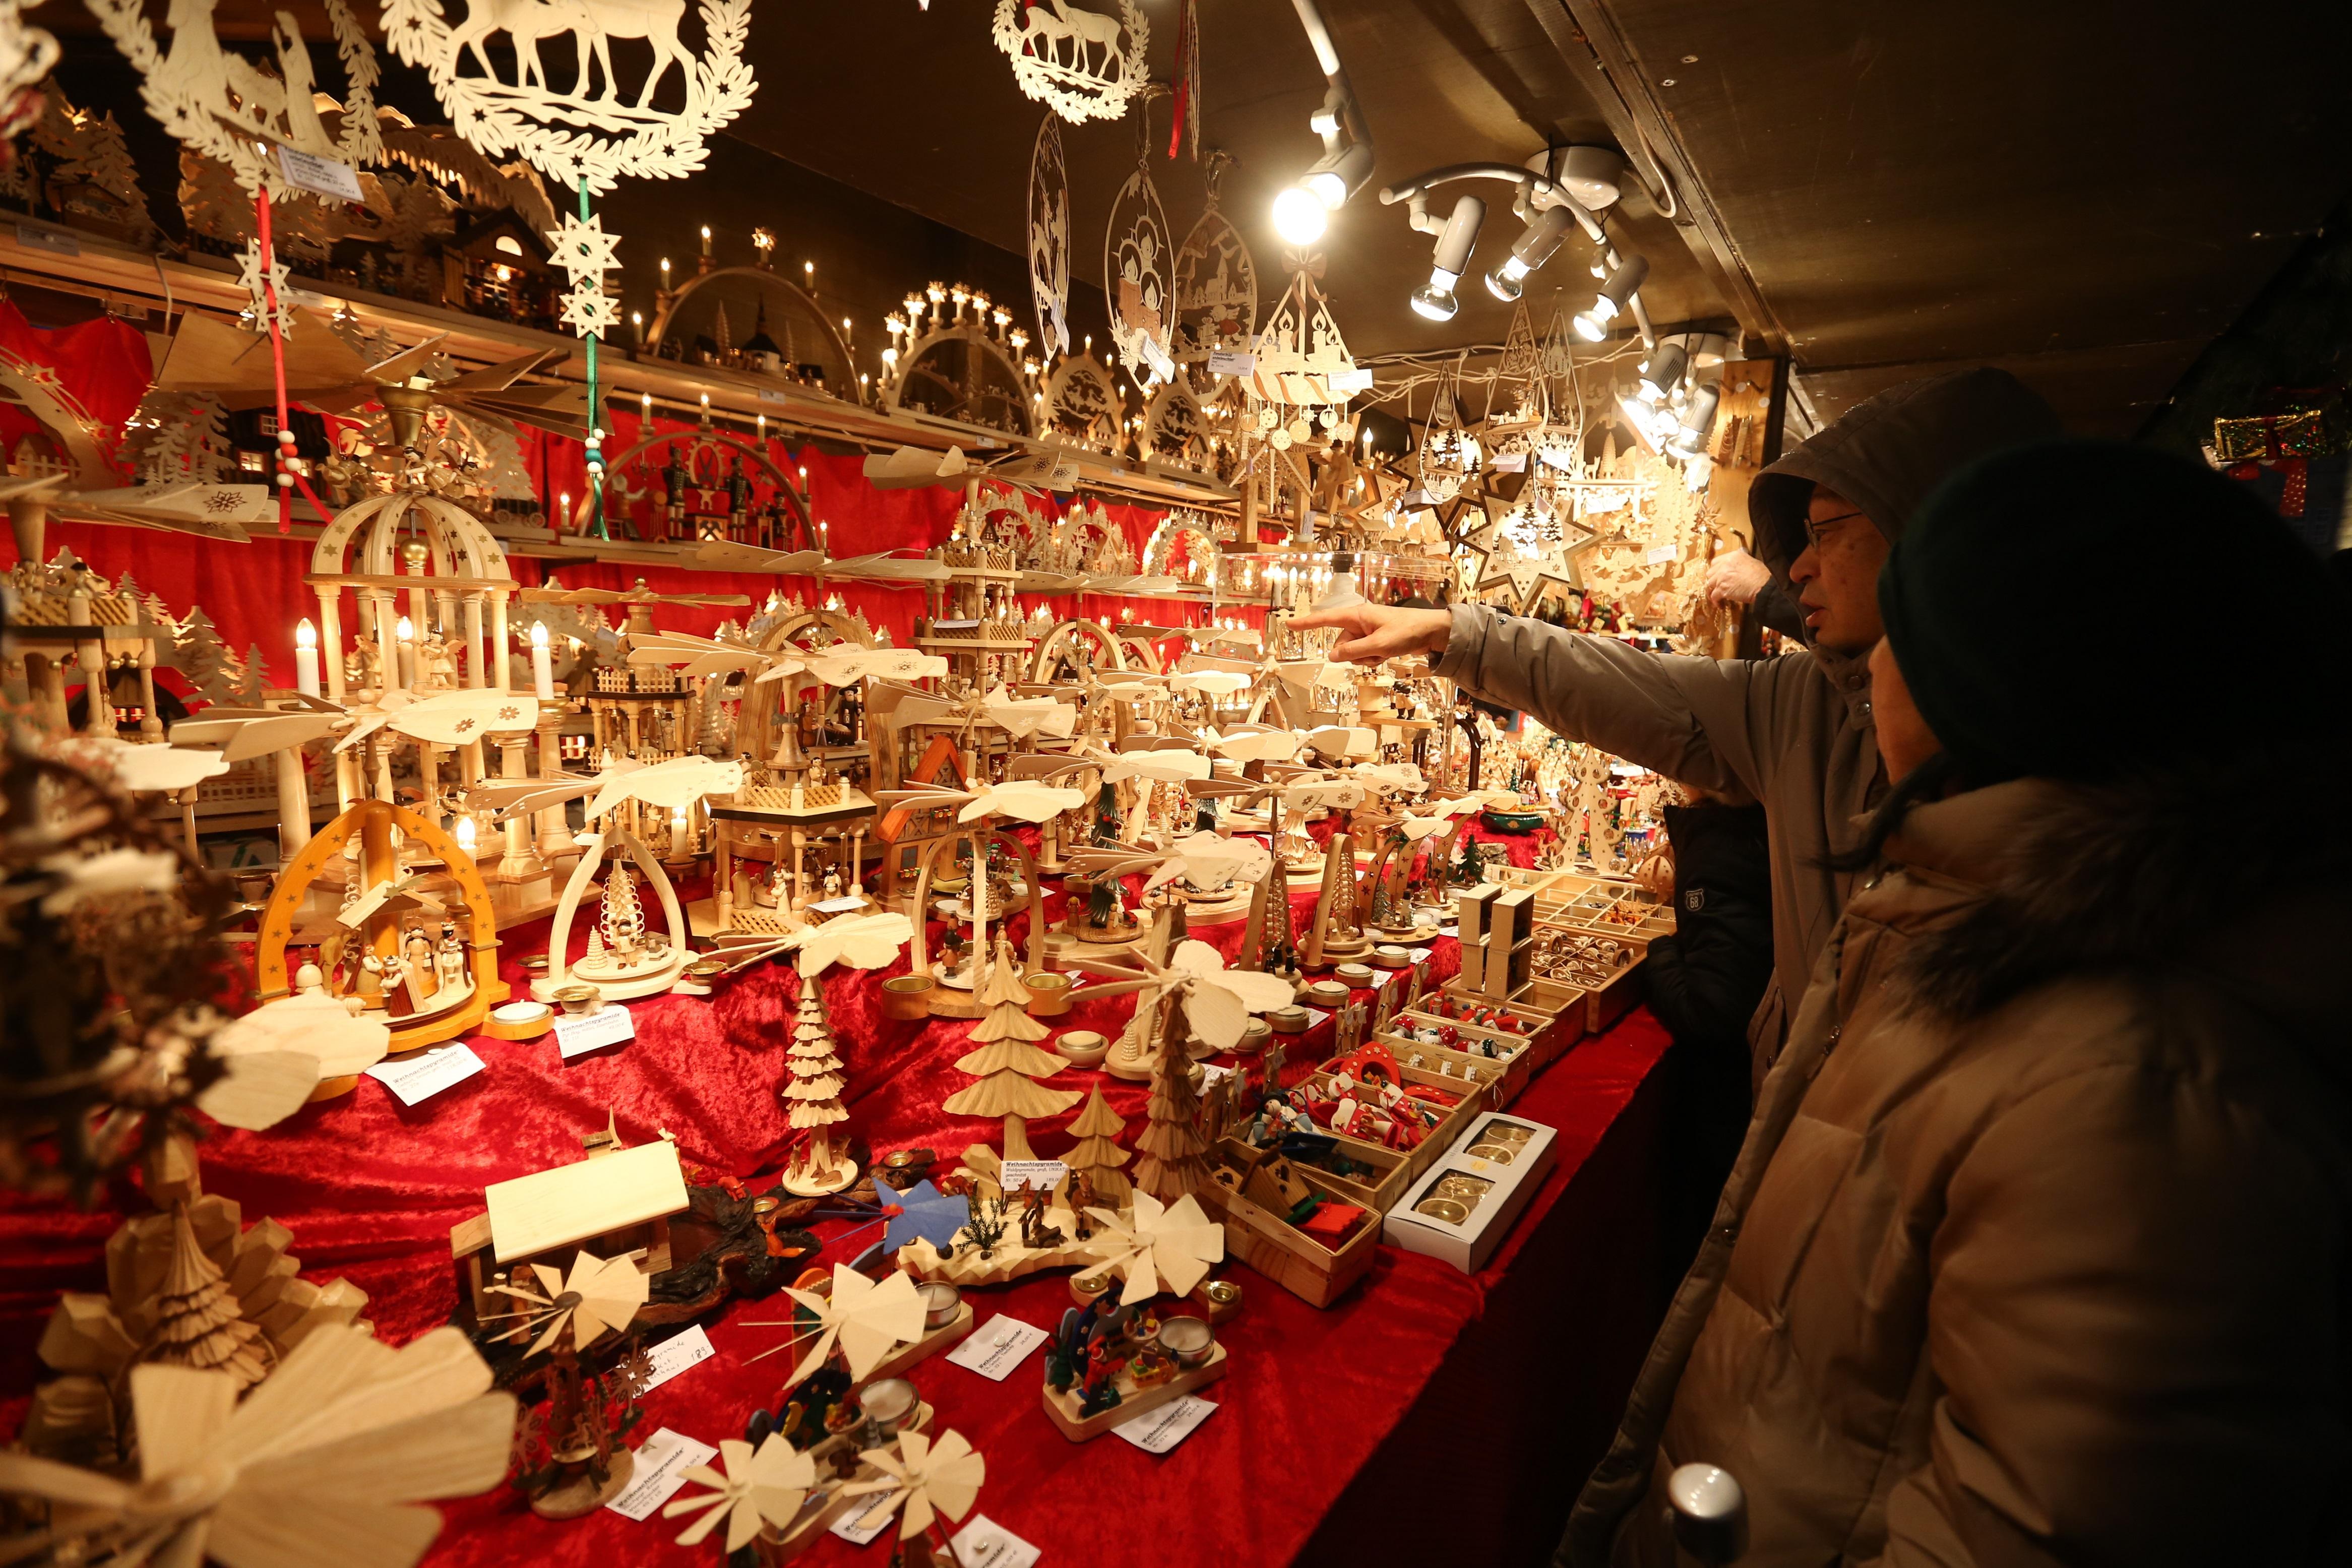 Stände Weihnachtsmarkt.Presse Stuttgarter Weihnachtsmarkt 27 11 23 12 2019